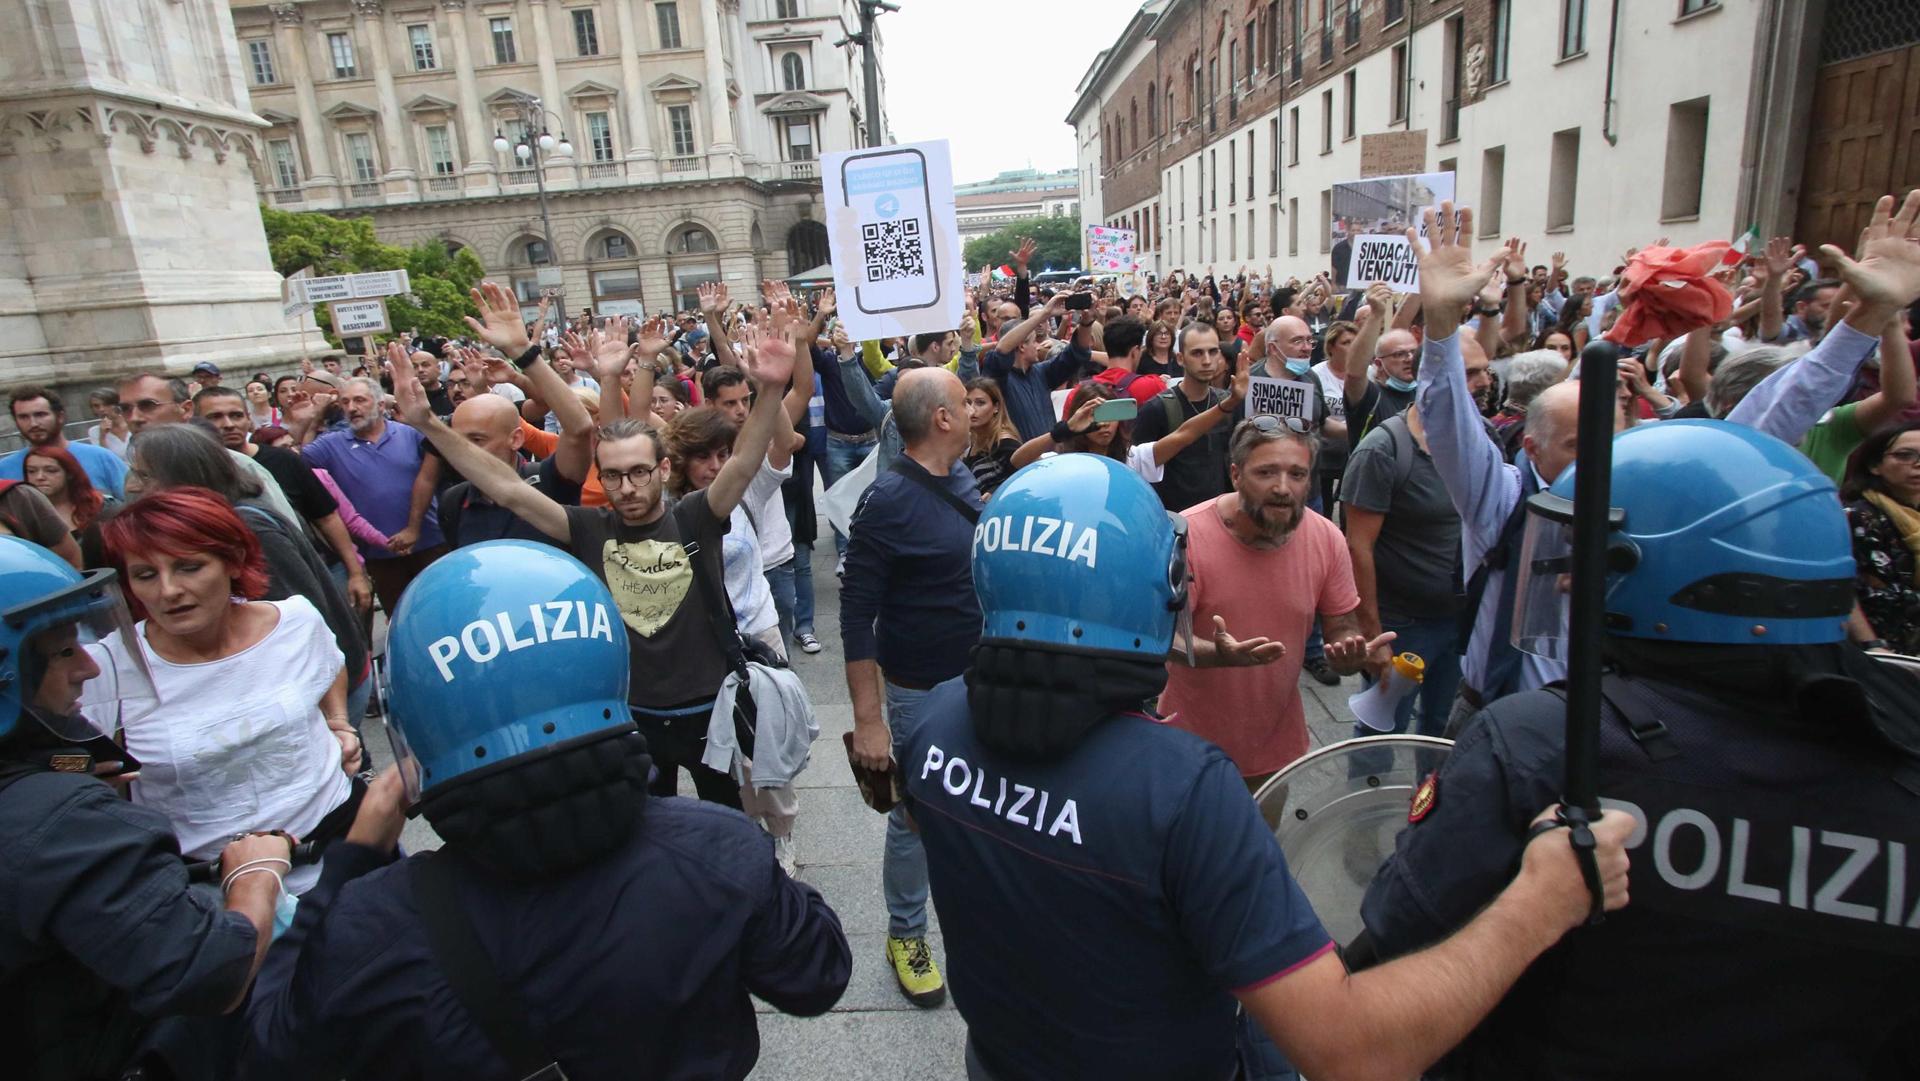 Meloni in comizio nel feudo della Lega, la leadership di Salvini sempre più in discussione e le altre notizie della giornata